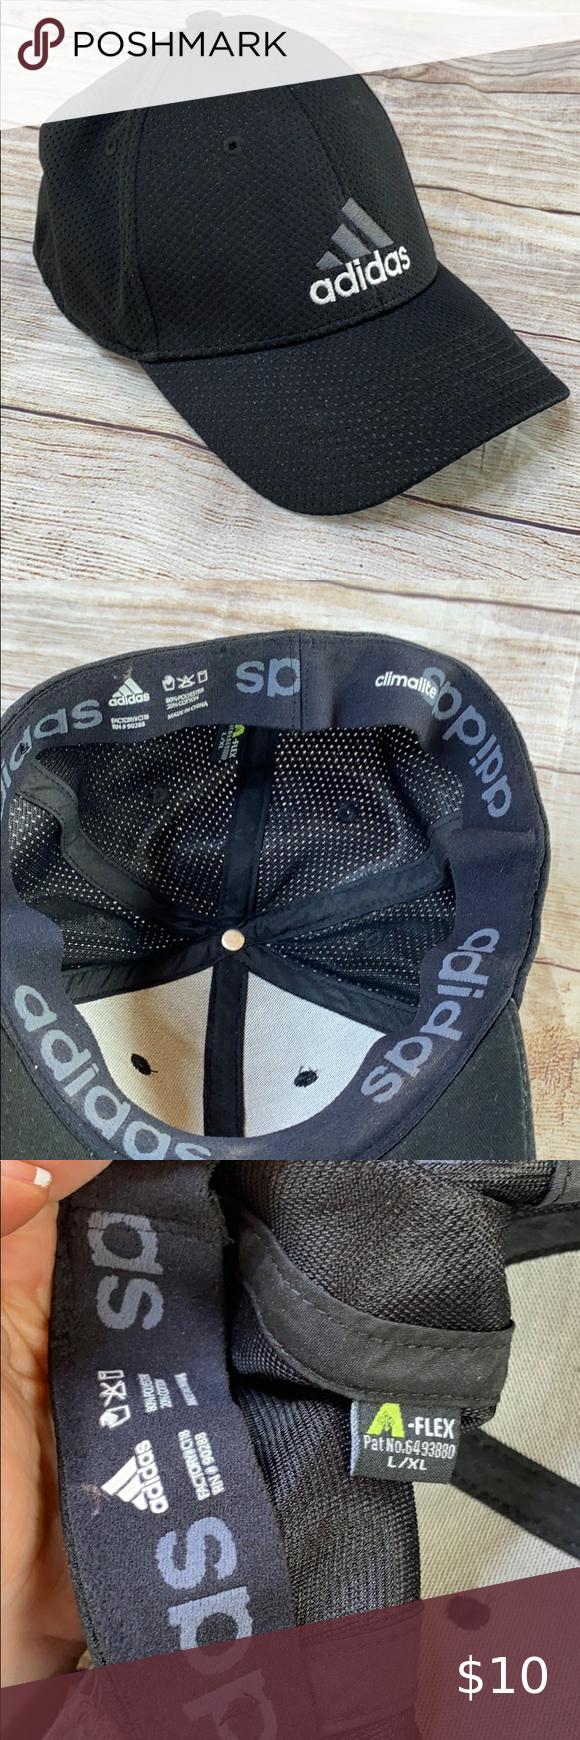 5 25 Adidas Hat L Xl Flex Fit Hats Adidas Hat Adidas